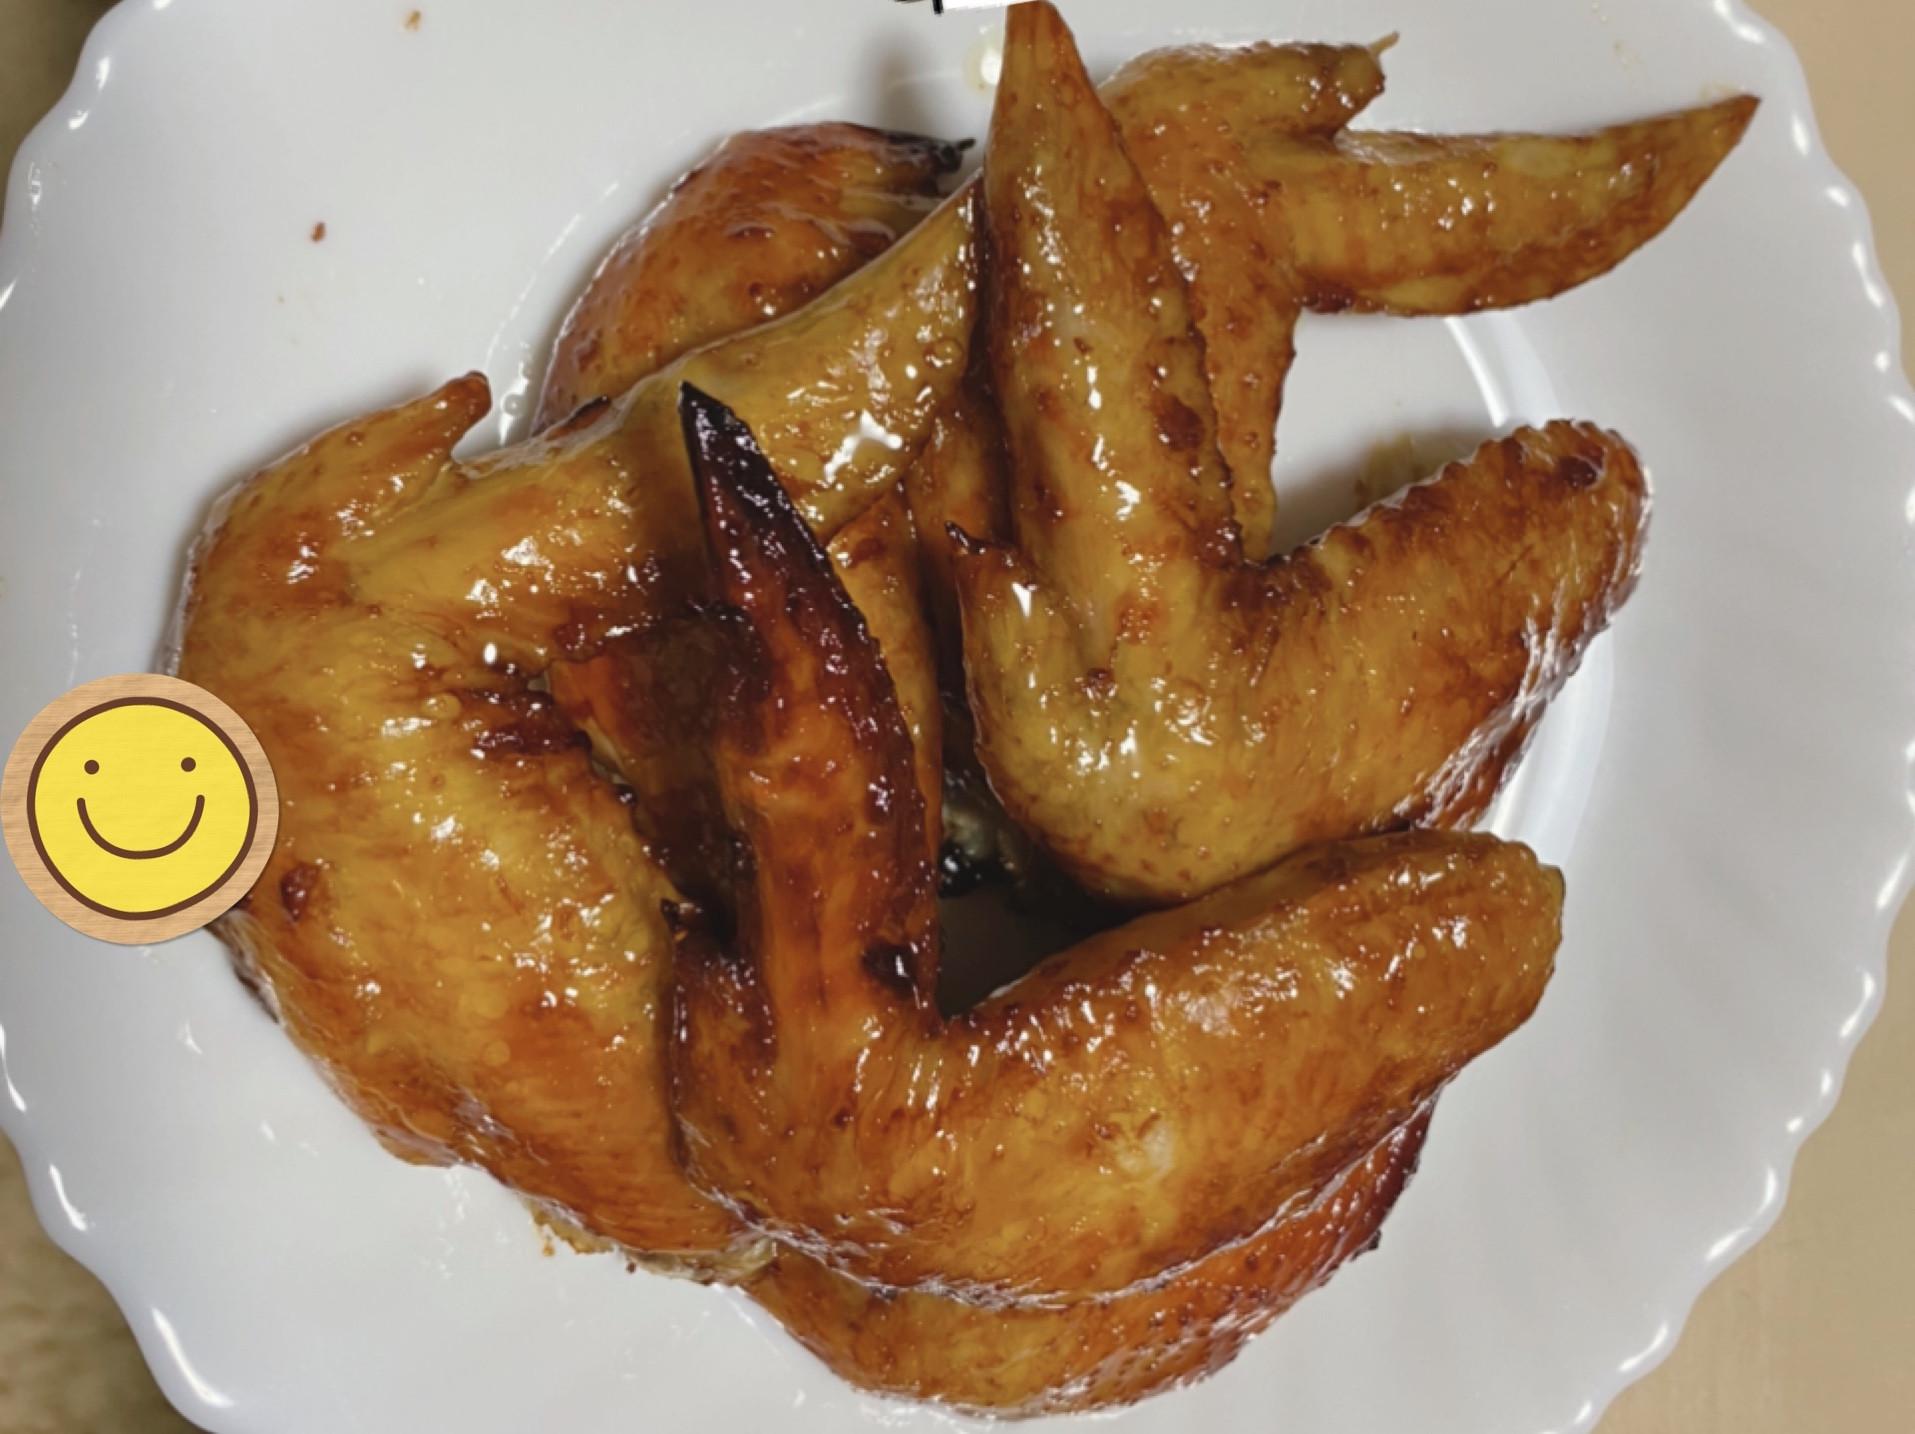 照燒雞翅(氣炸鍋料理)十分鐘上菜